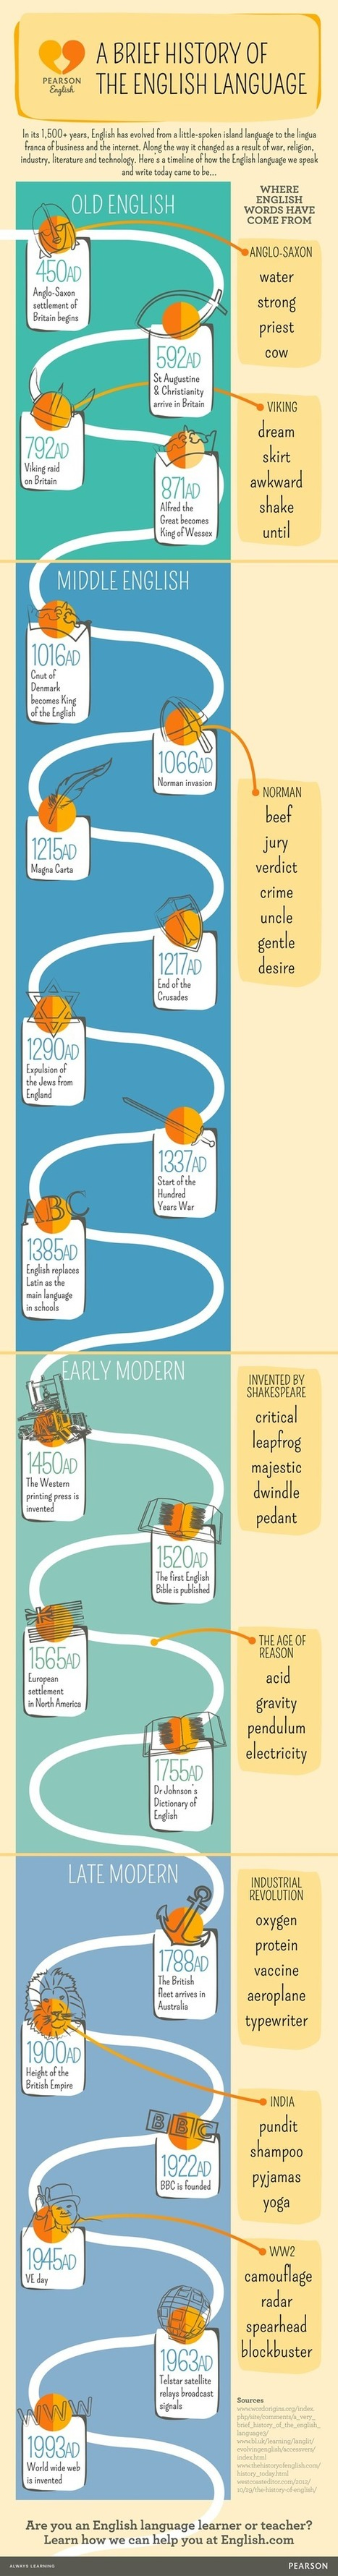 Infographic: A brief history of the English language | Mundos Virtuales, Educacion Conectada y Aprendizaje de Lenguas | Scoop.it